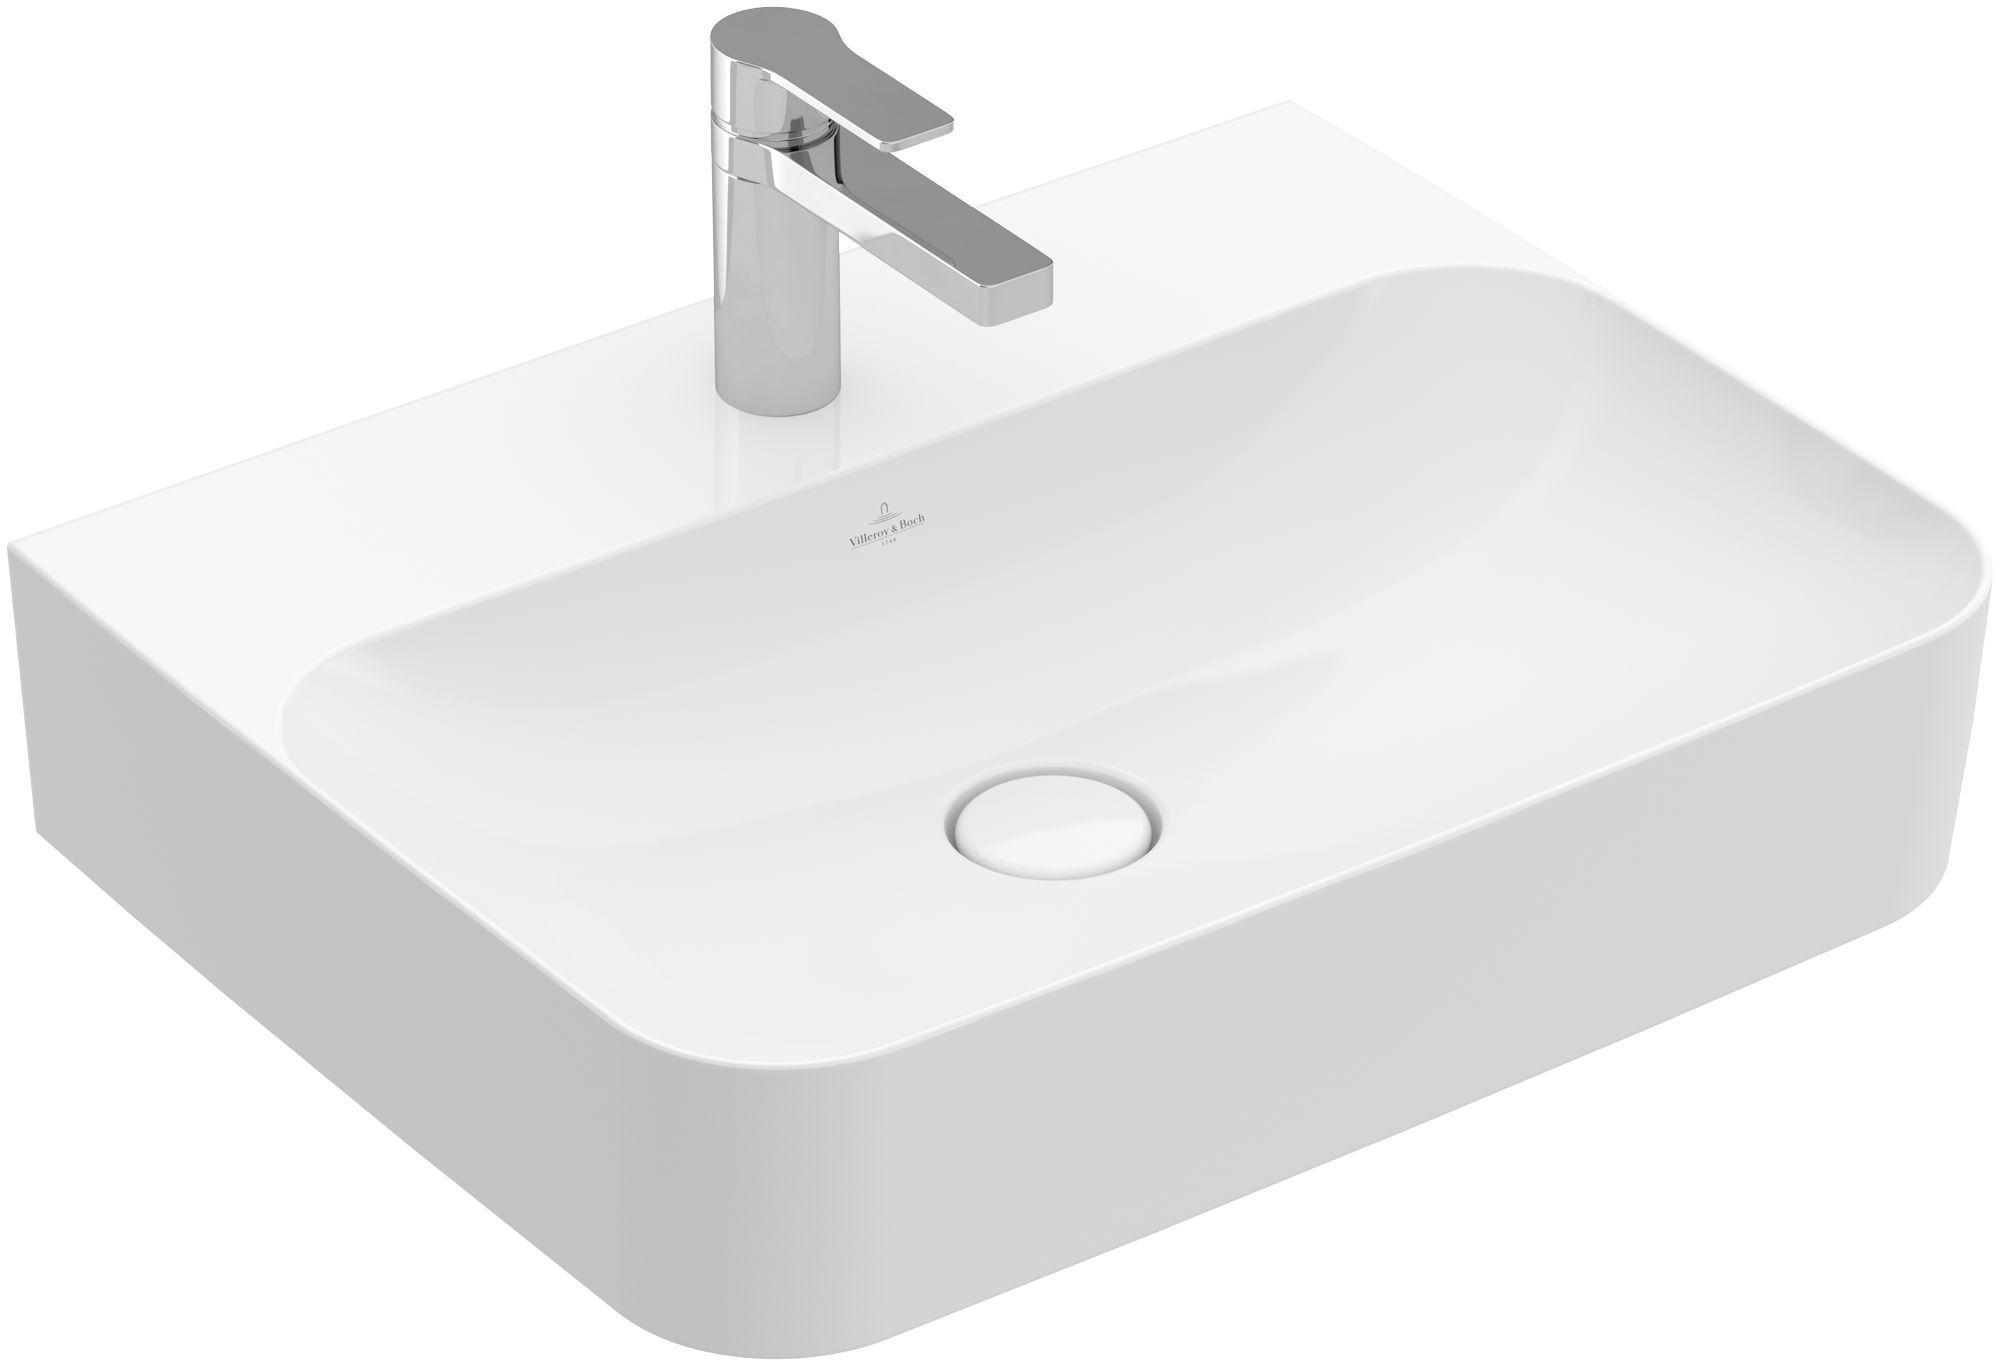 Villeroy & Boch Finion Waschtisch ohne Überlauf 1 Hahnloch B:60xT:47cm ohne Überlauf 1 Hahnloch weiß Ceramicplus 41686LR1